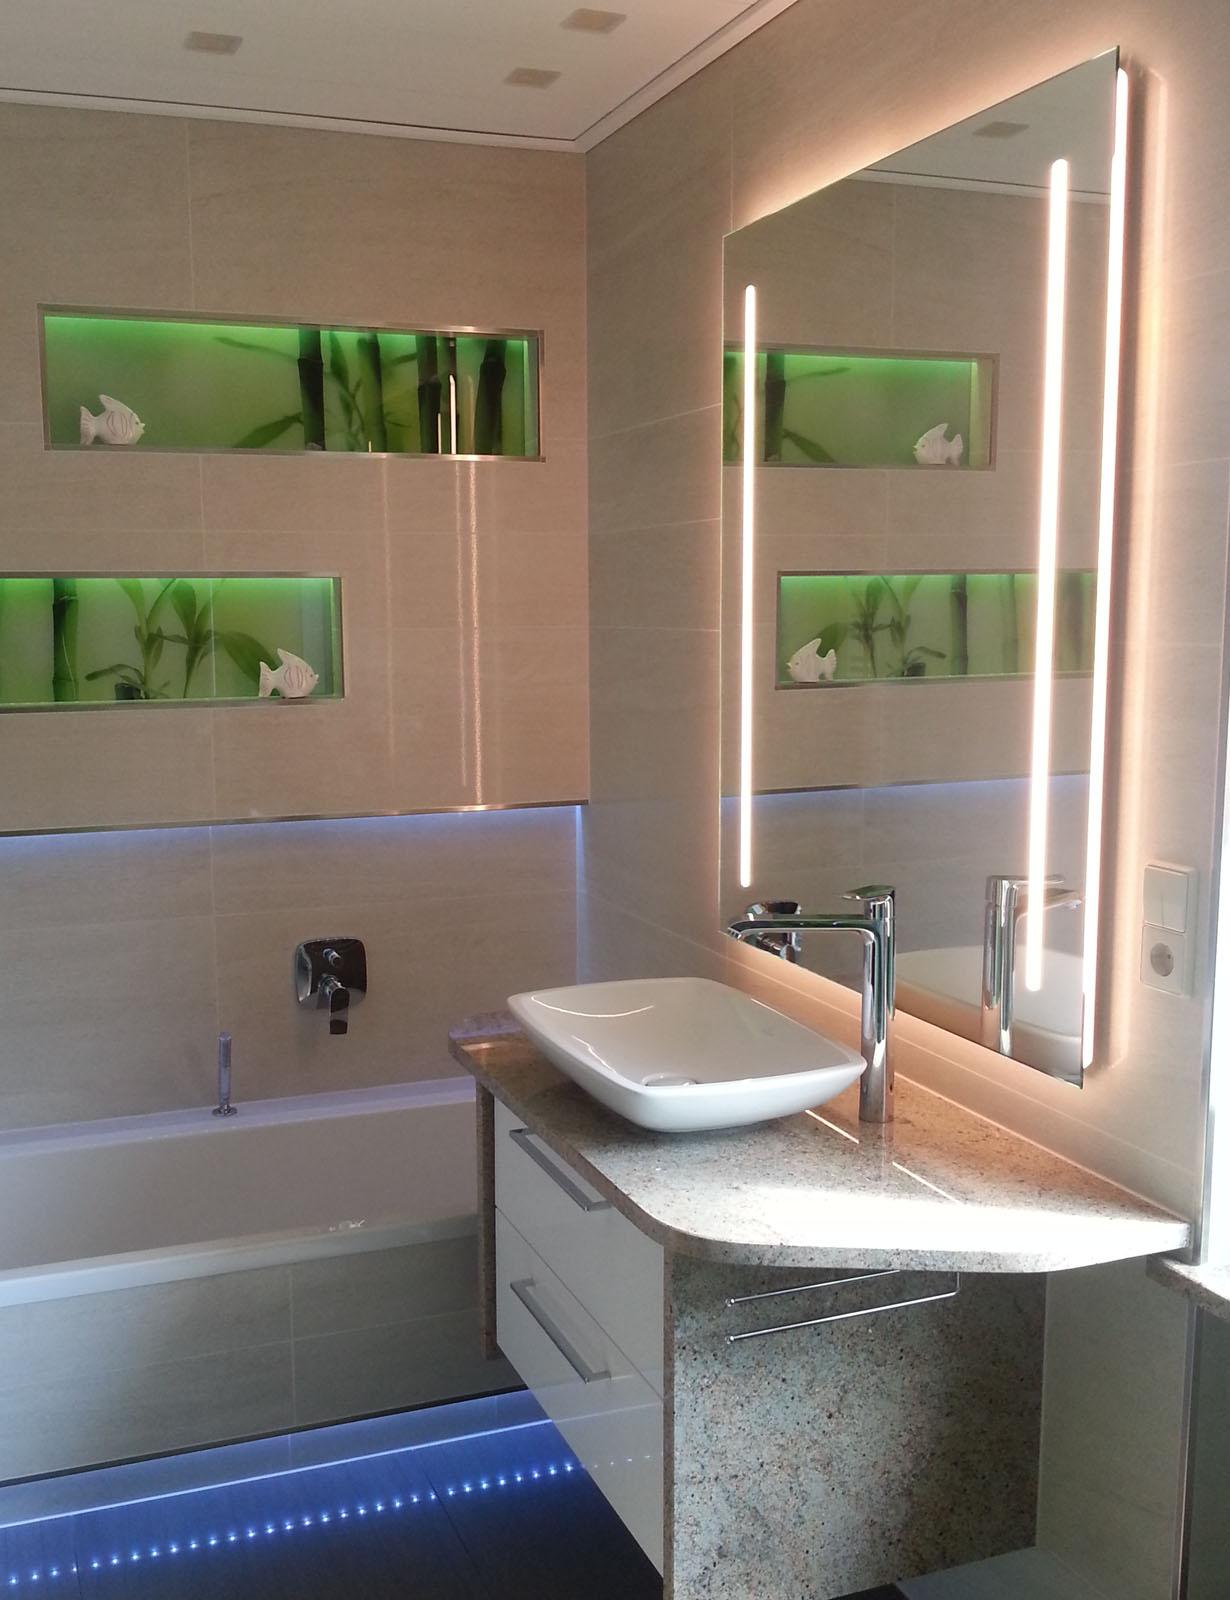 Spiegel mit Ambientebeleuchtung und Lichtstreifen links und rechts